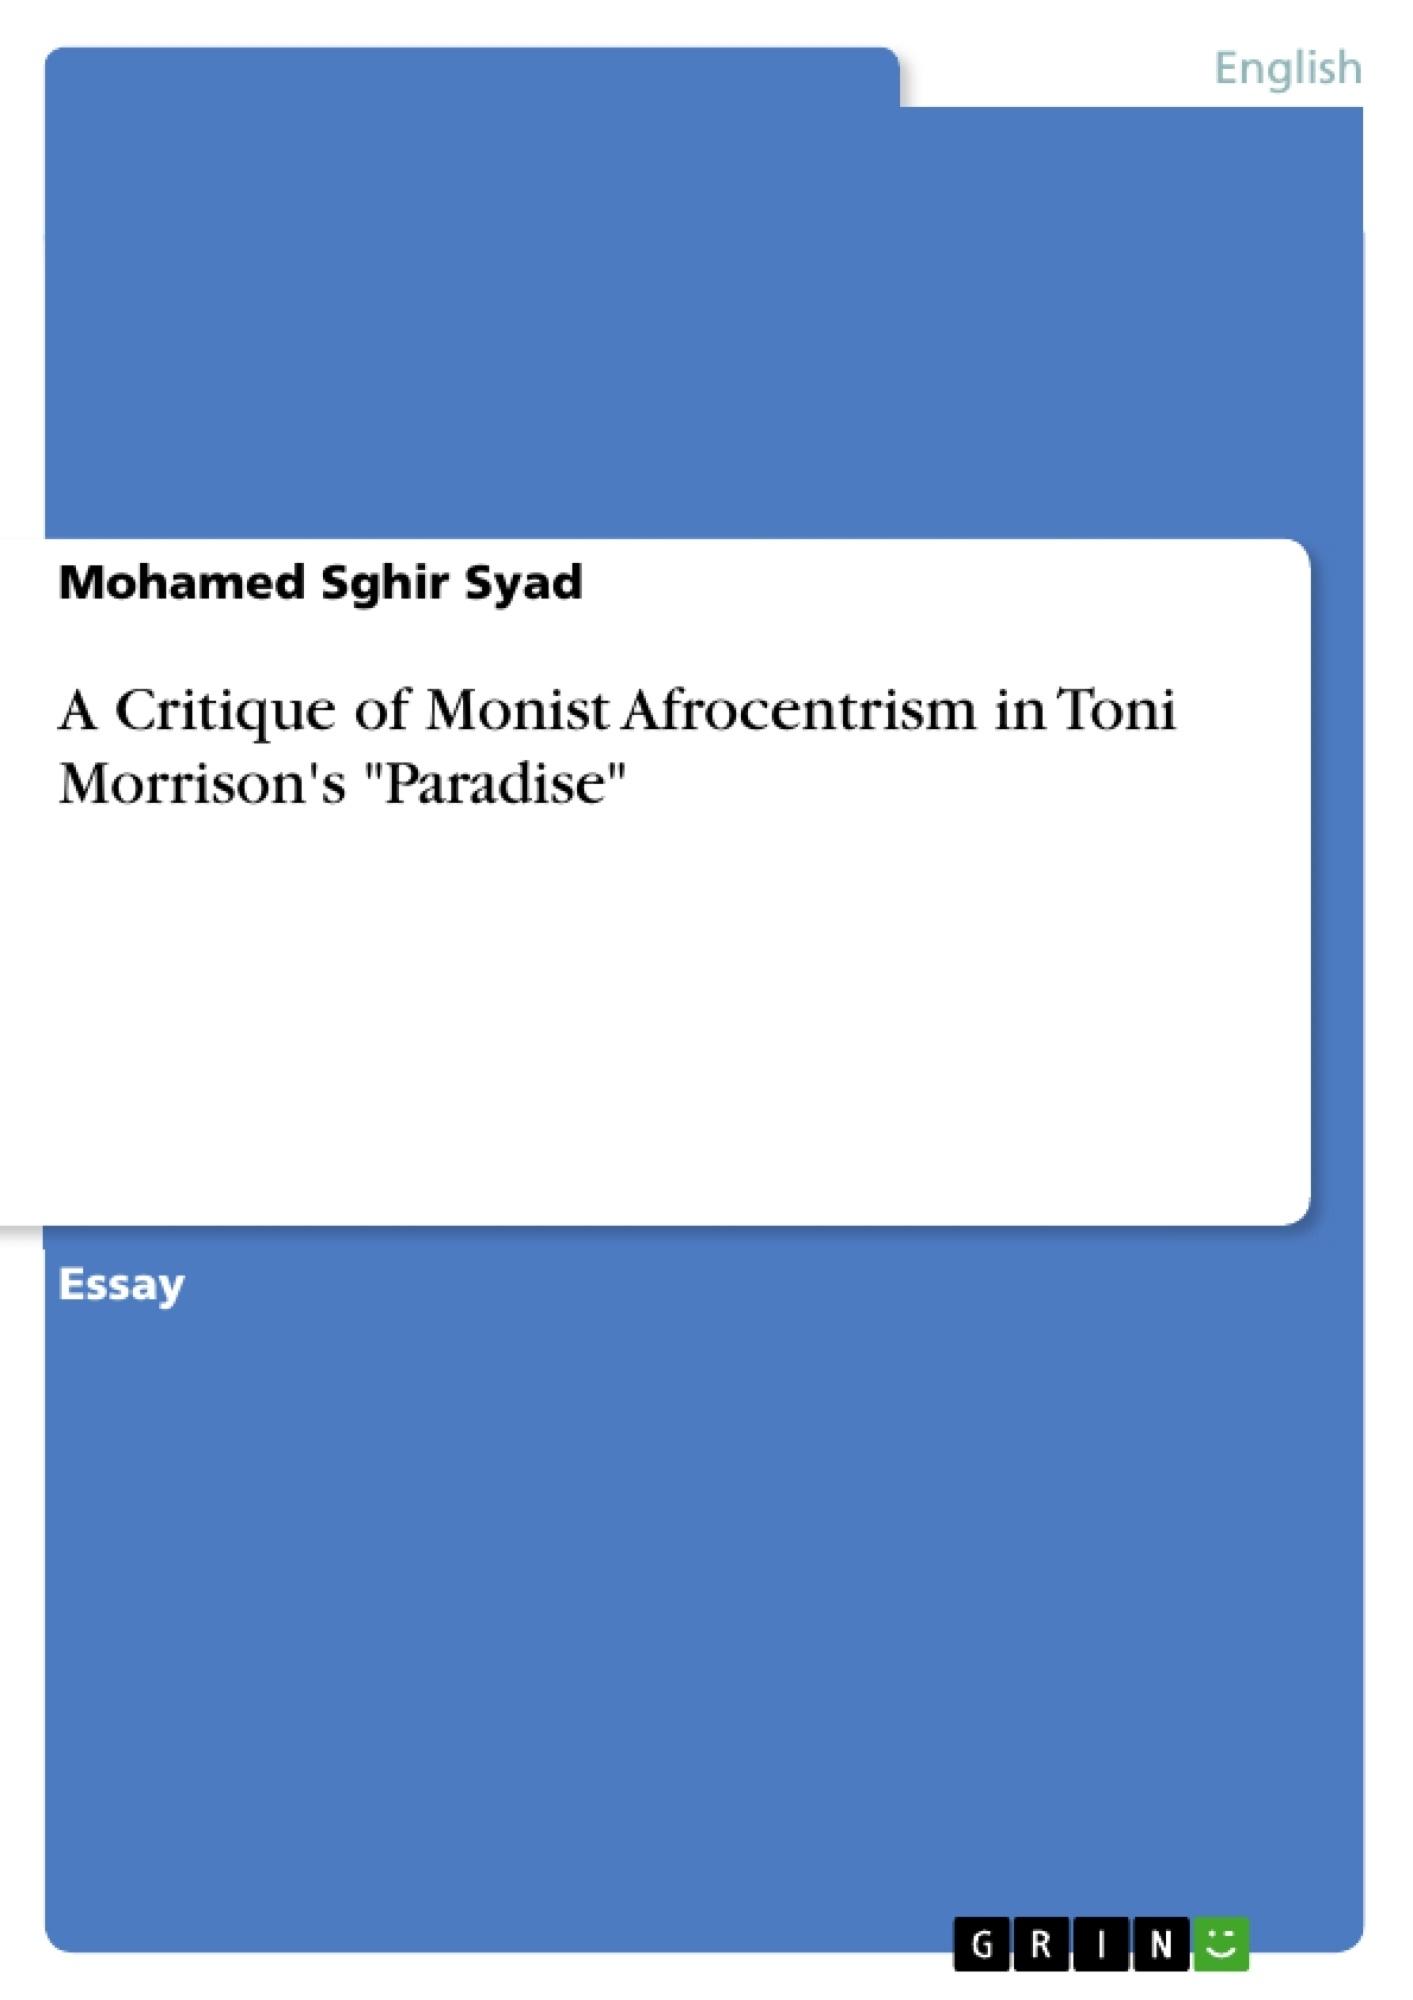 """Title: A Critique of Monist Afrocentrism in Toni Morrison's """"Paradise"""""""